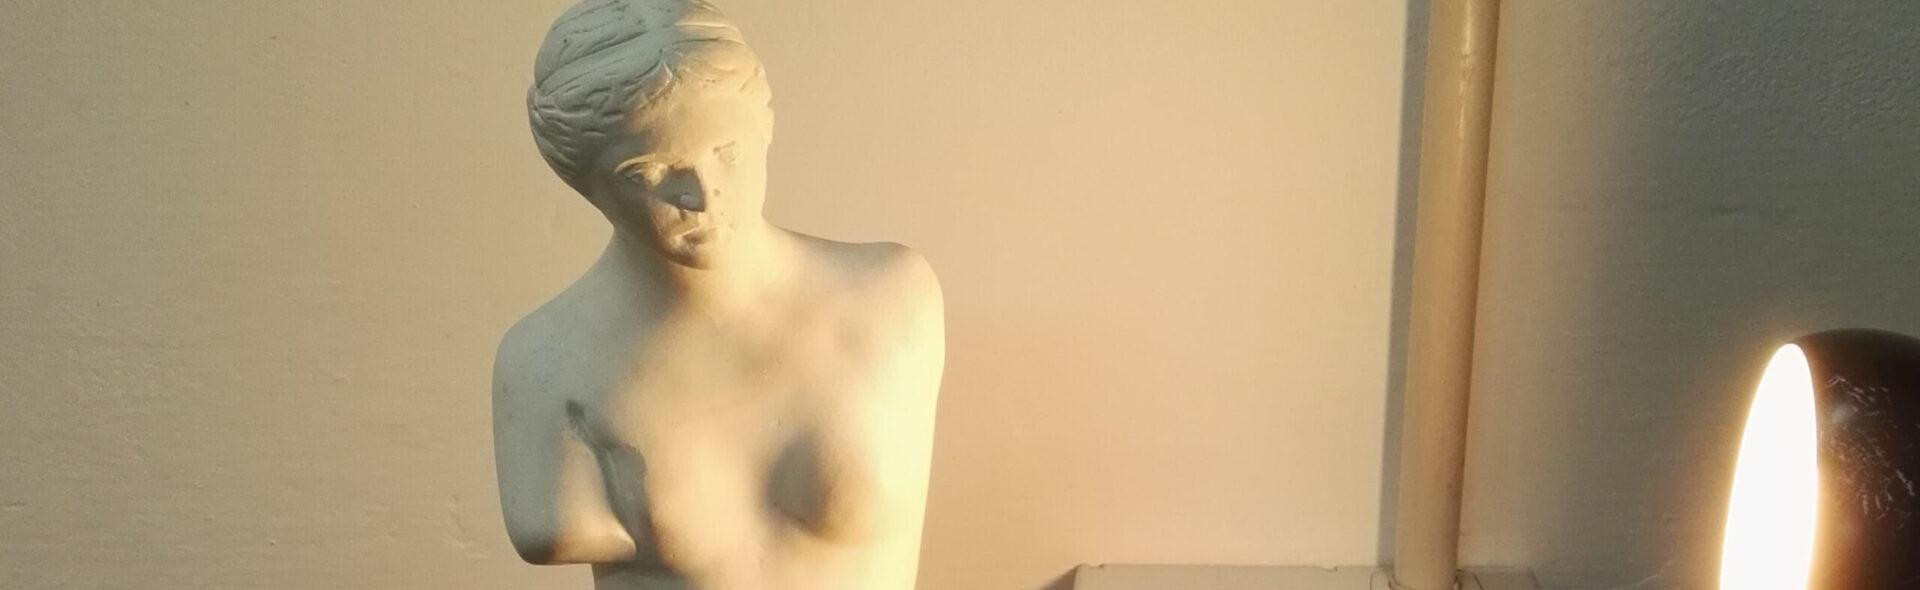 Carboncillos de aprendizaje: figura humana